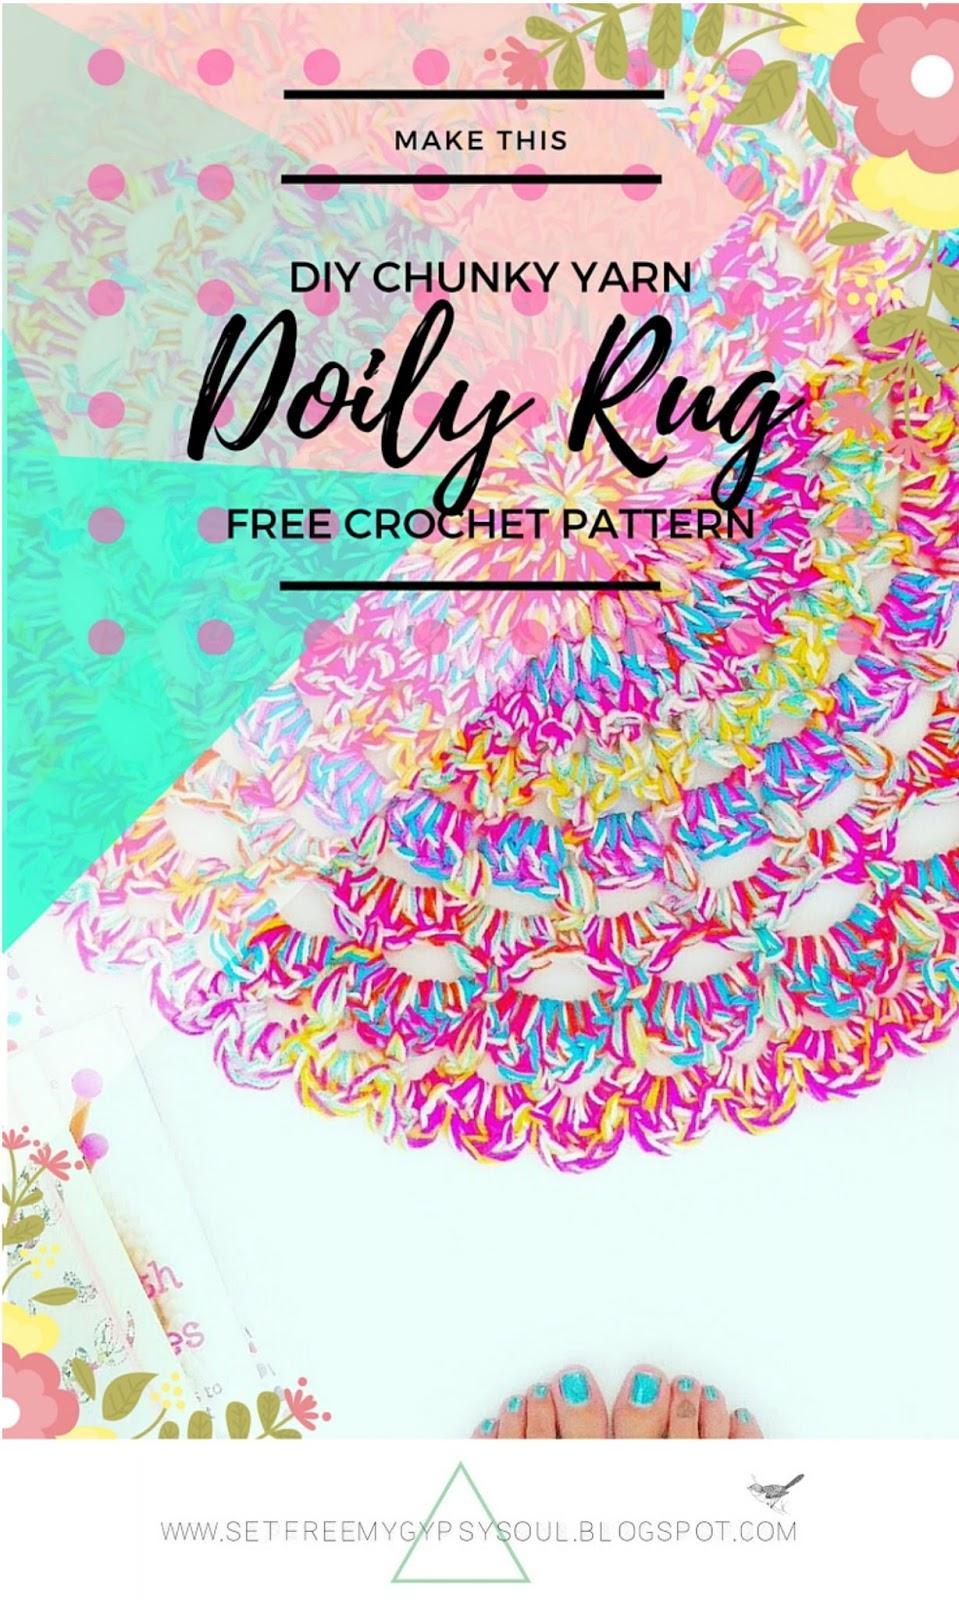 Set Free My Gypsy Soul A Crochet Craft Blog Unicorn Yarn Mandala